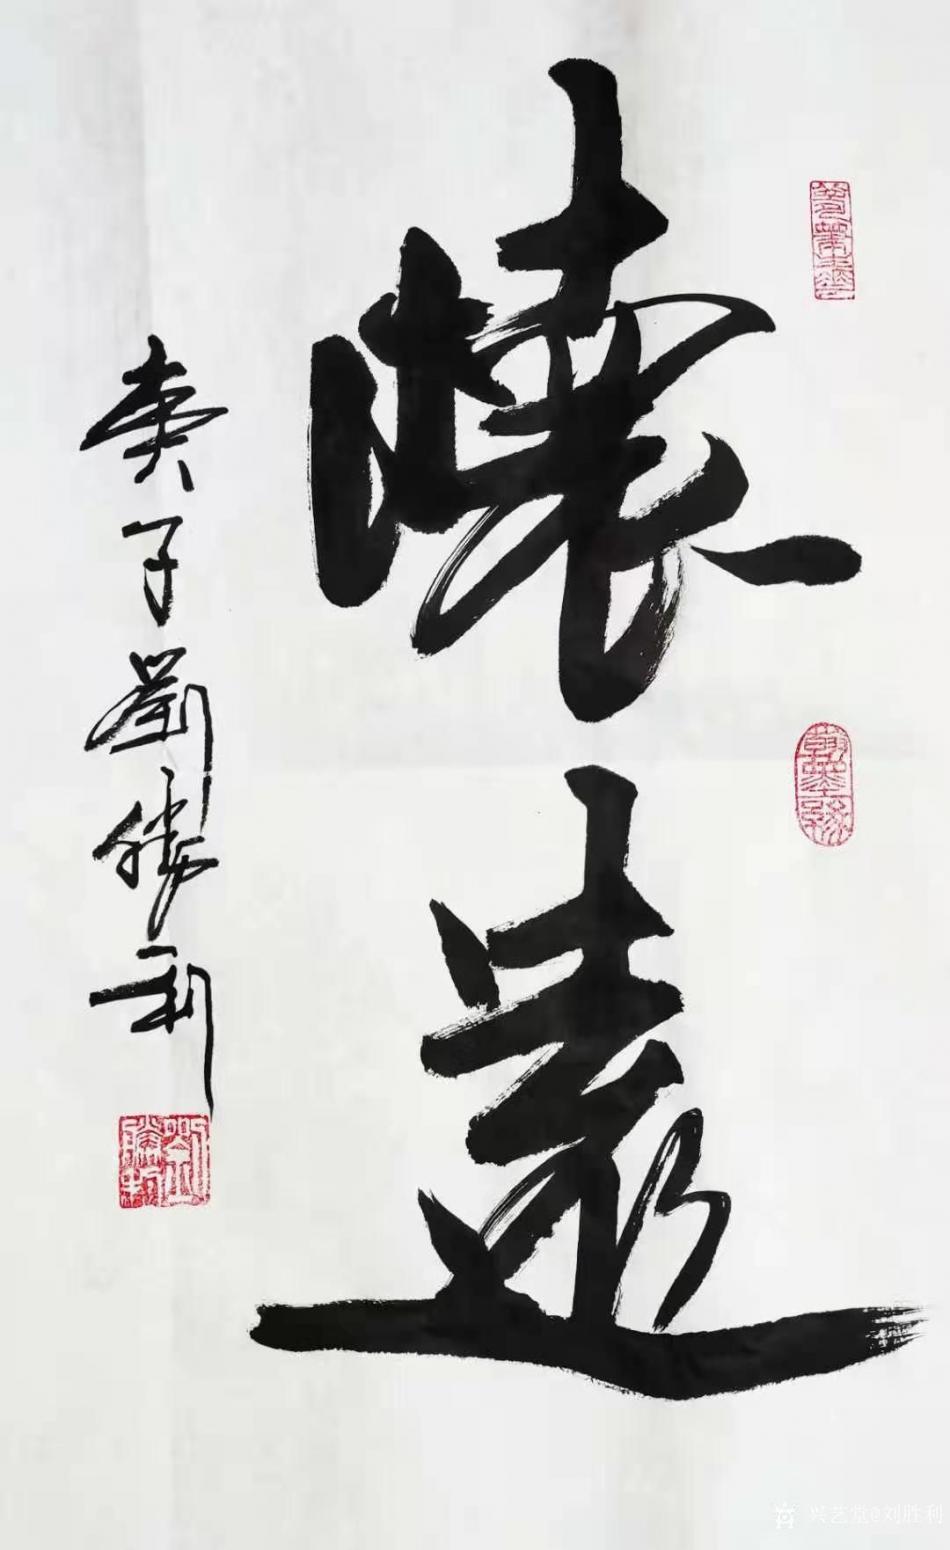 刘胜利书法作品《行书-怀远》